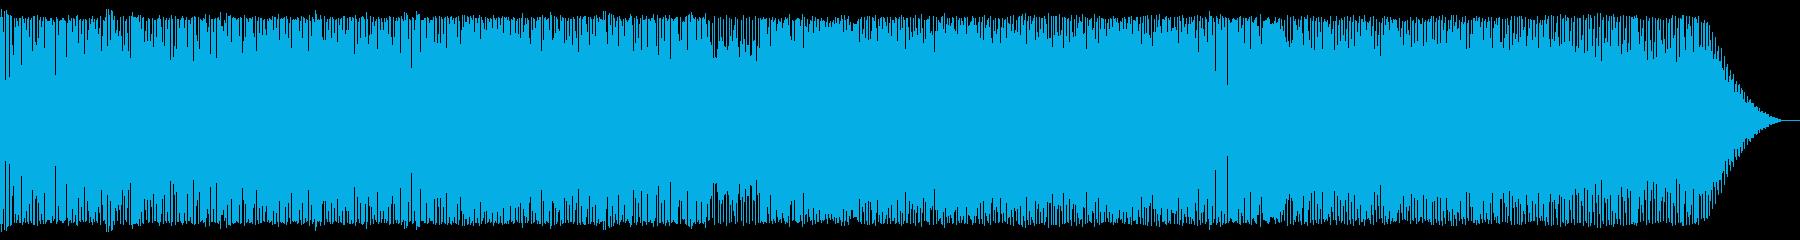 インストのブラスロック-軽快な3連符の再生済みの波形